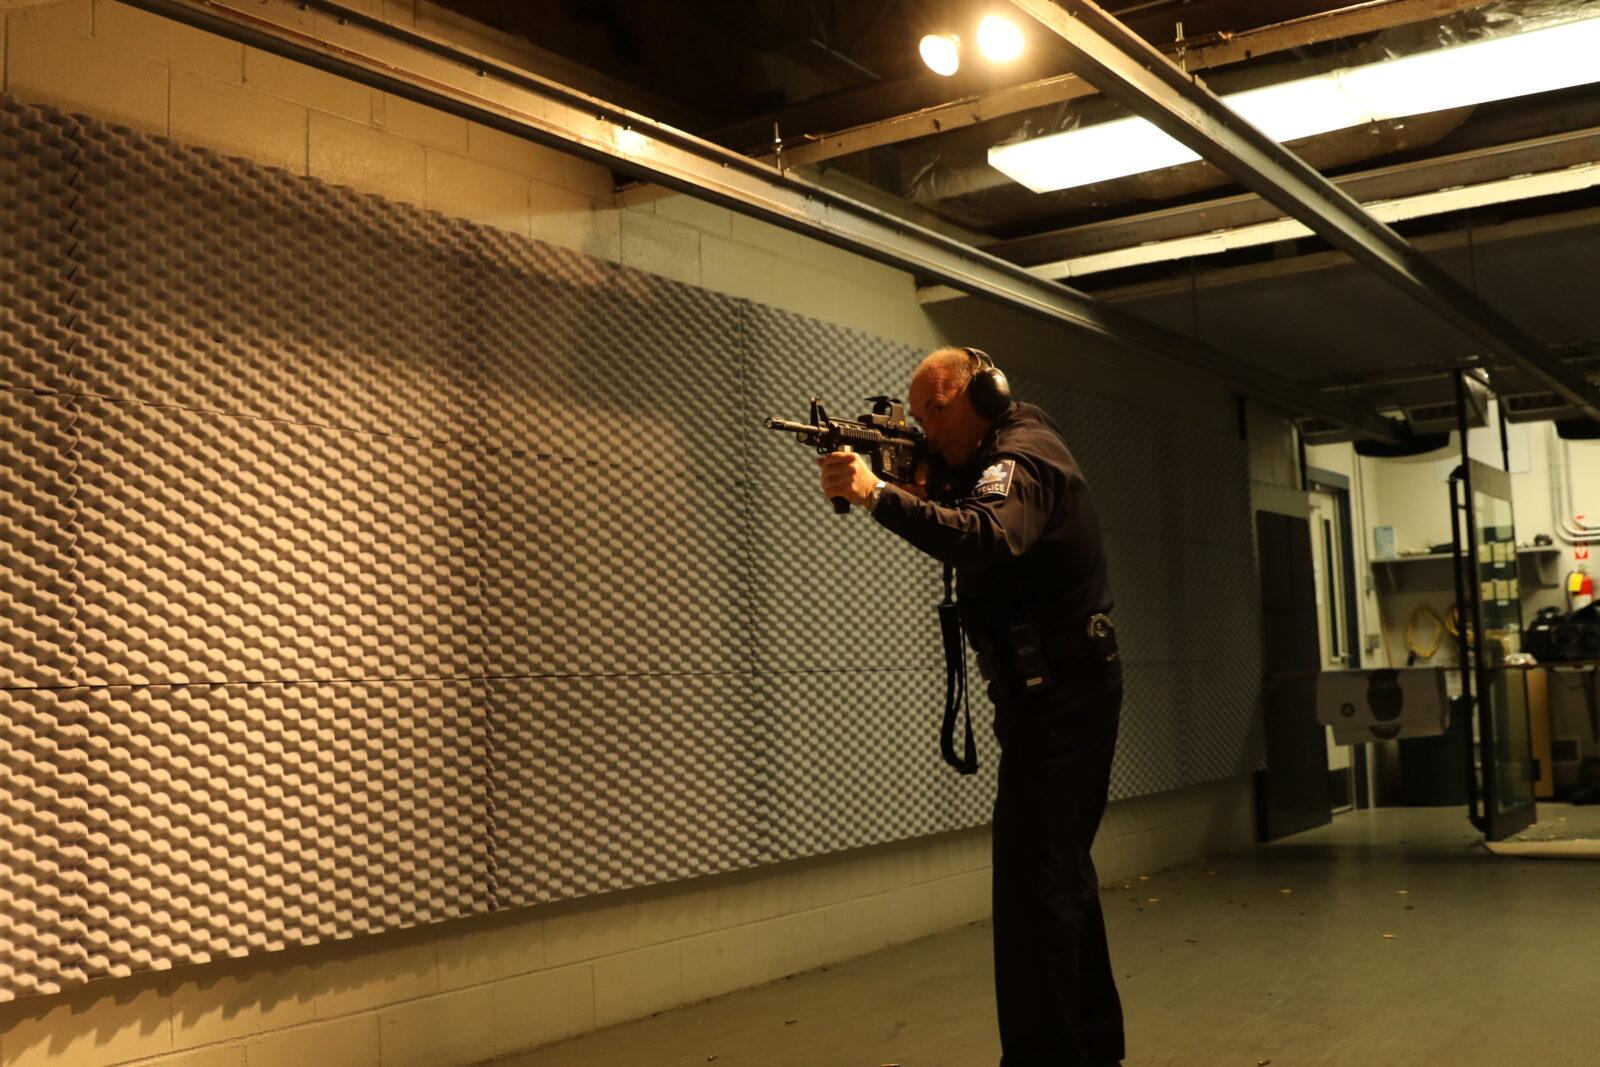 gun range noise mitigation